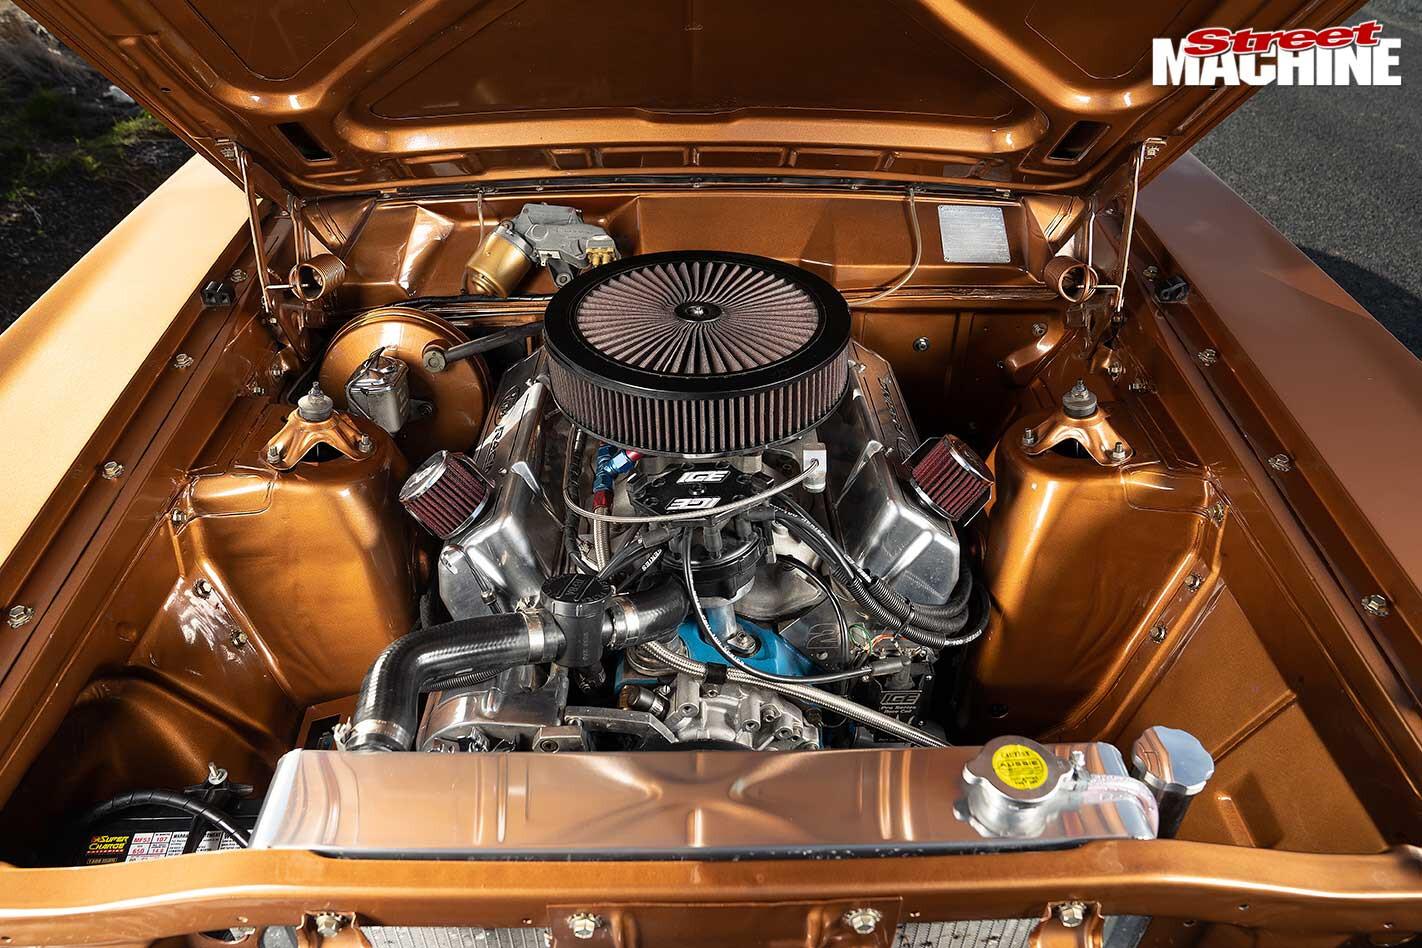 Ford XY Falcon 500 engine bay